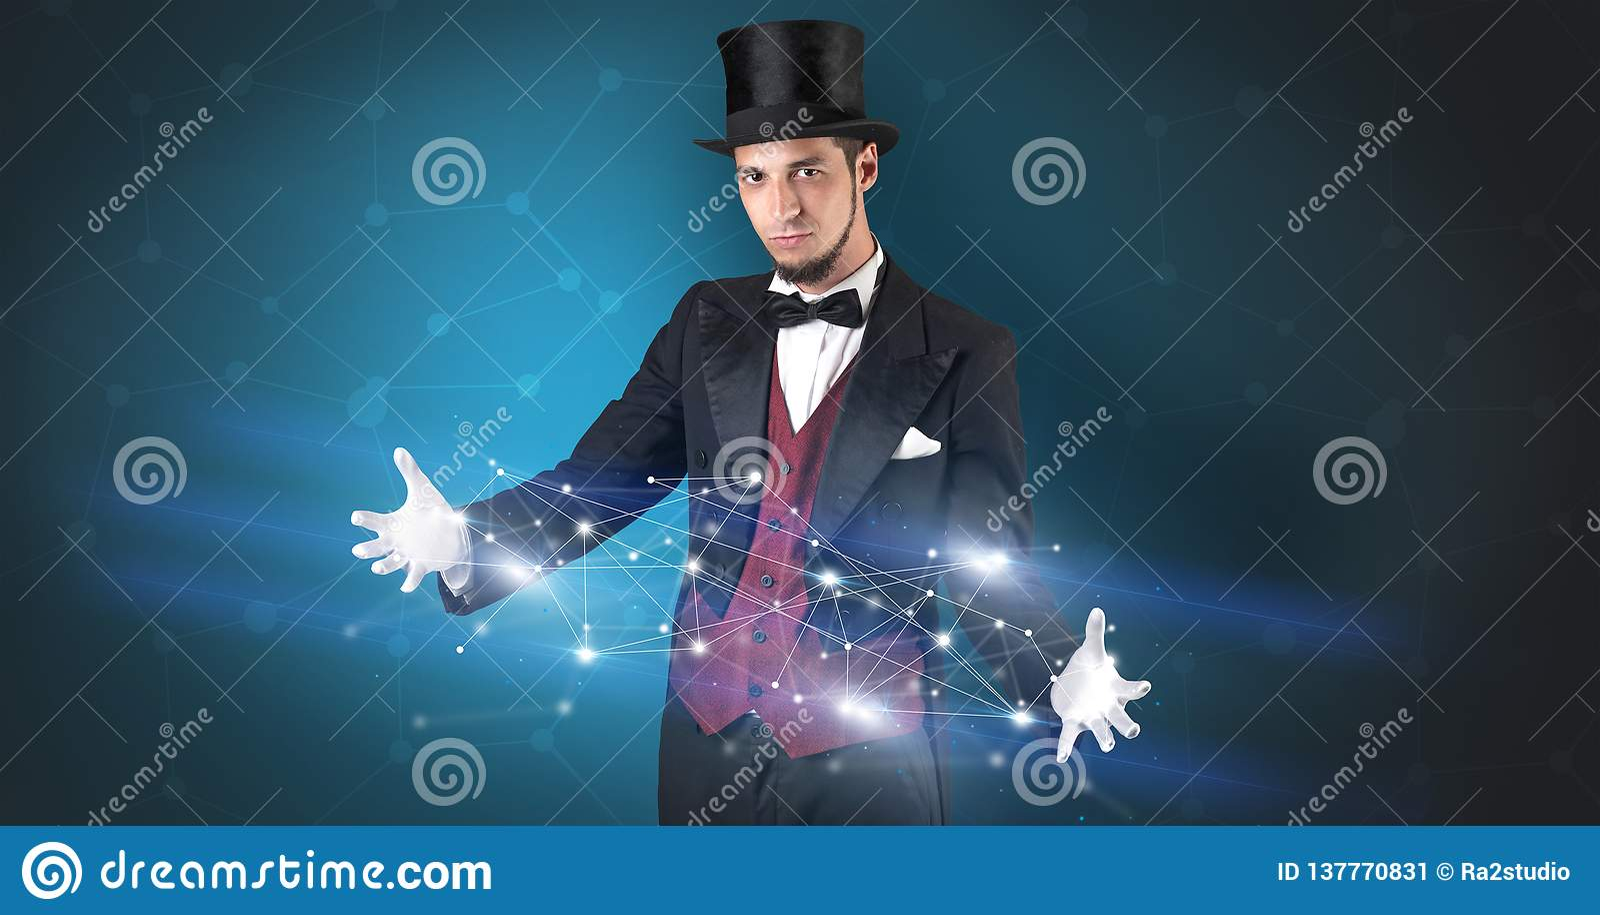 Mágico com conexão geométrica em sua mão